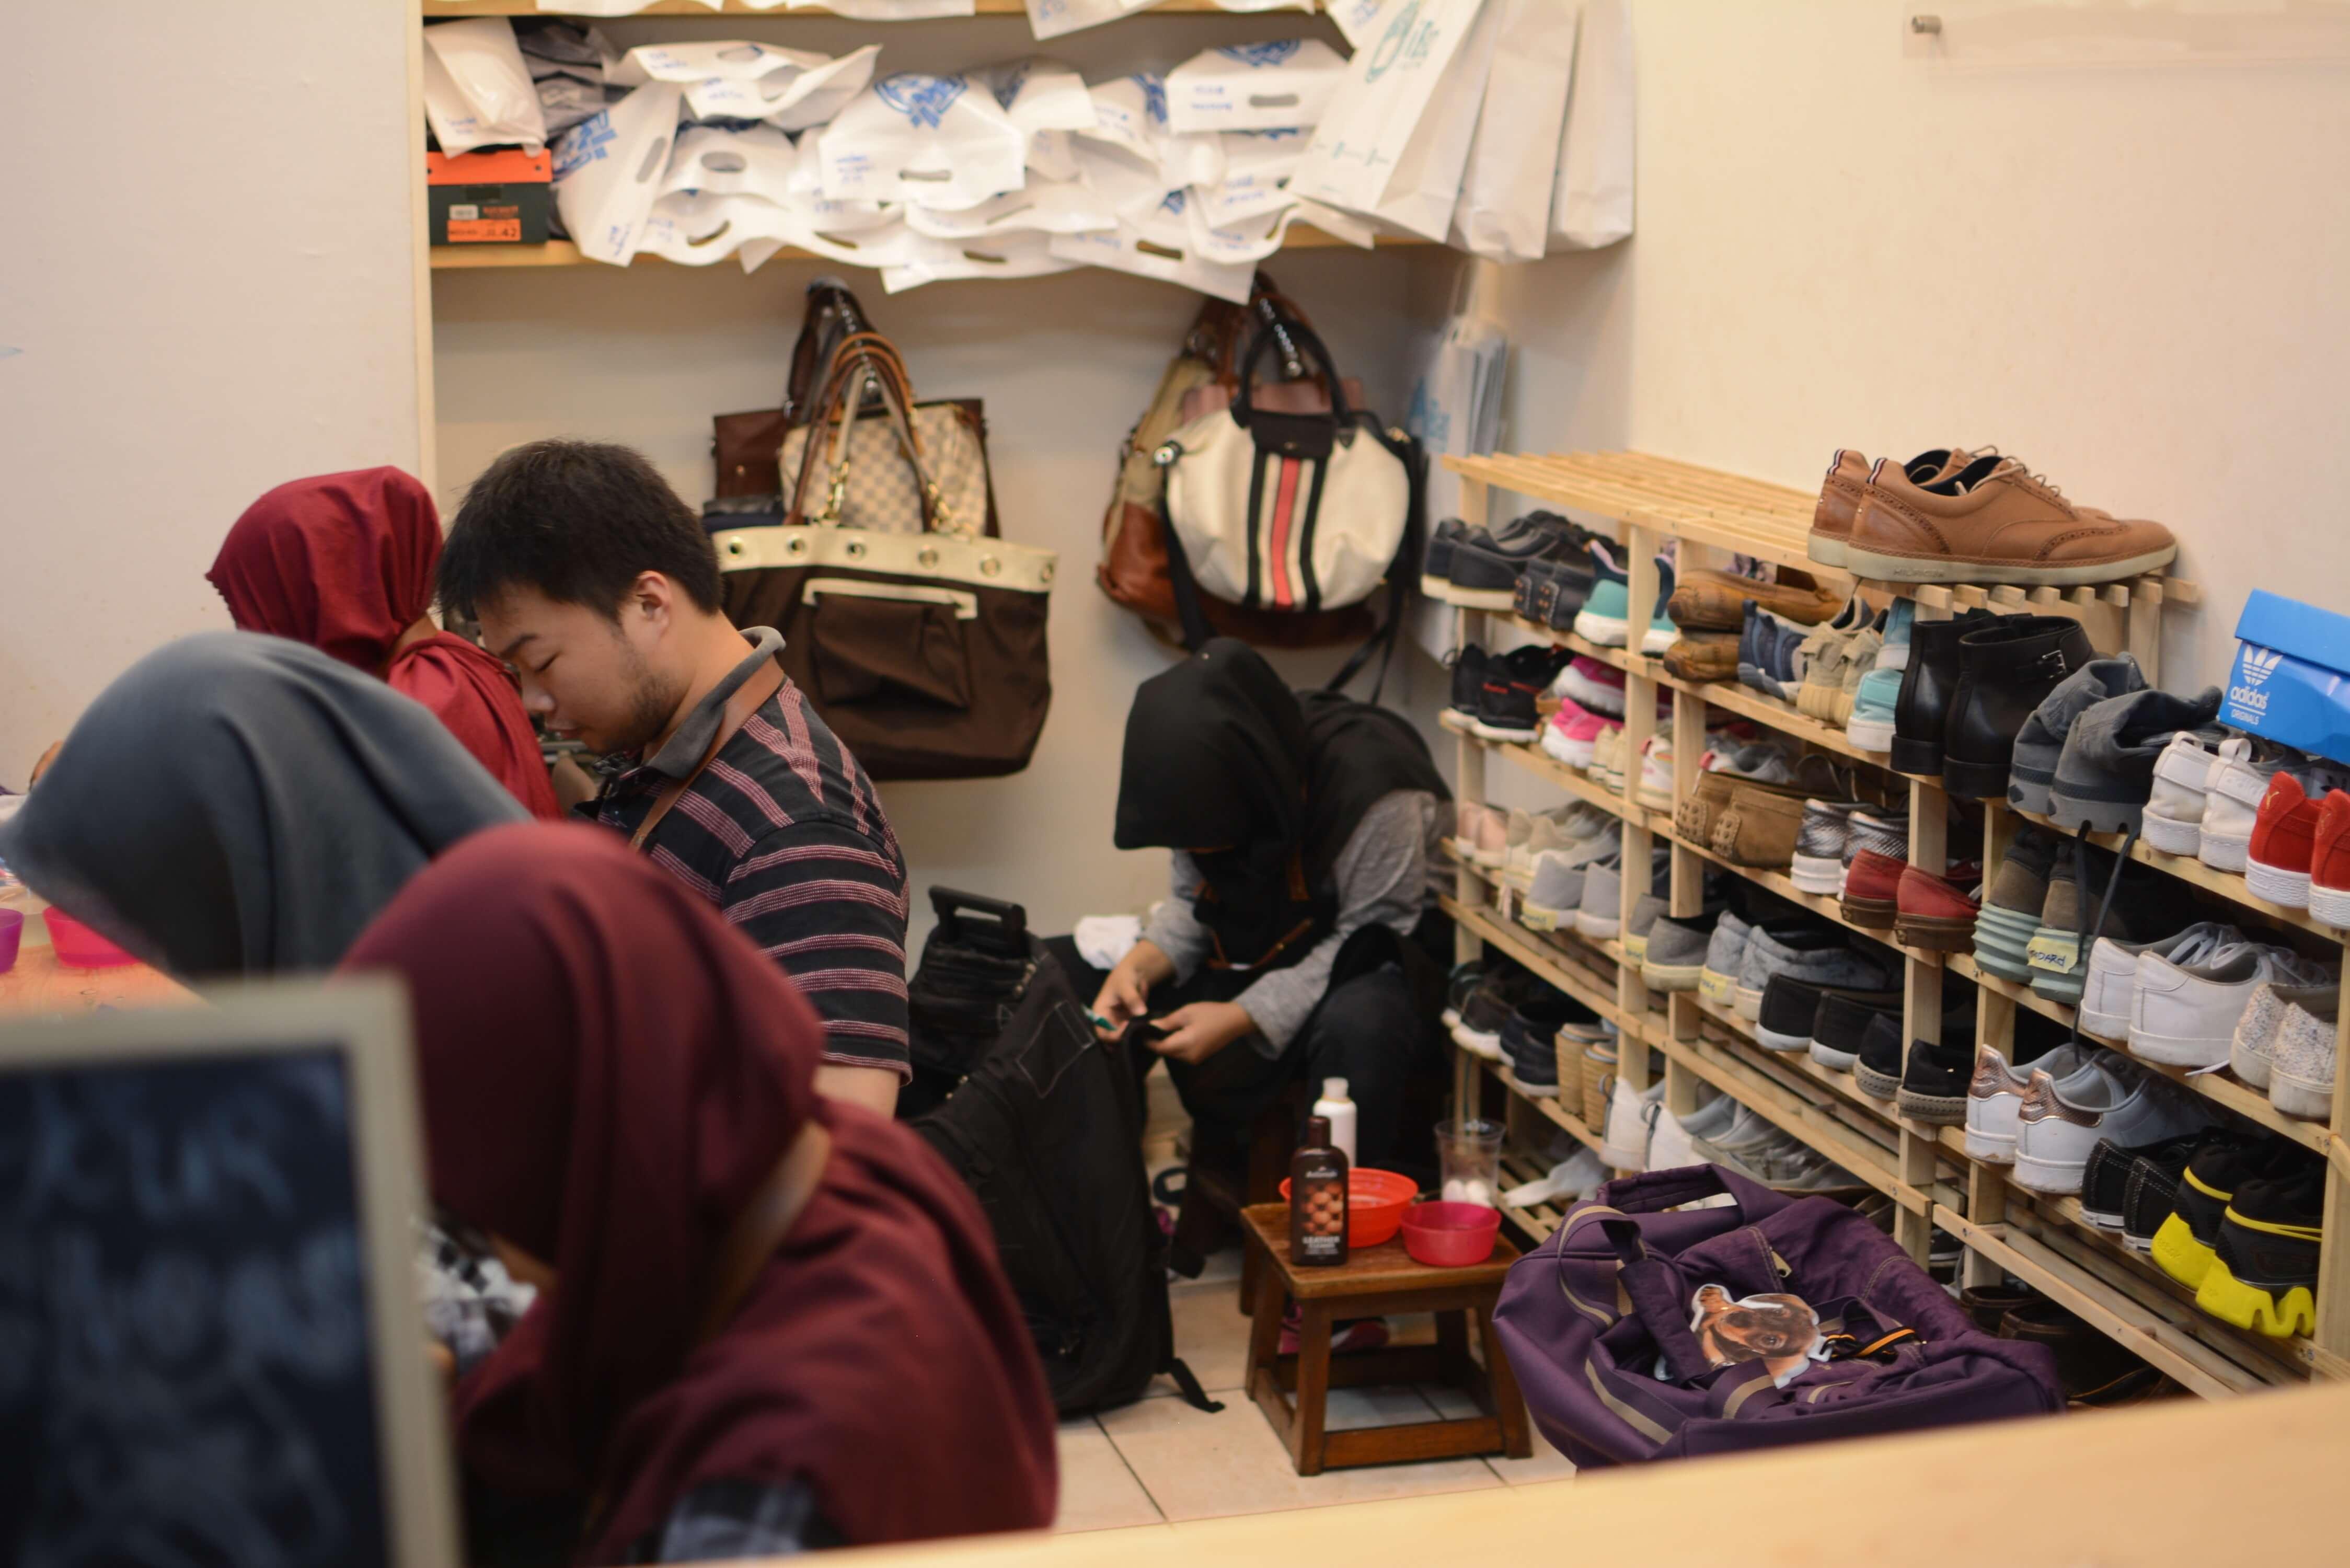 iShoe Laundry Workshop